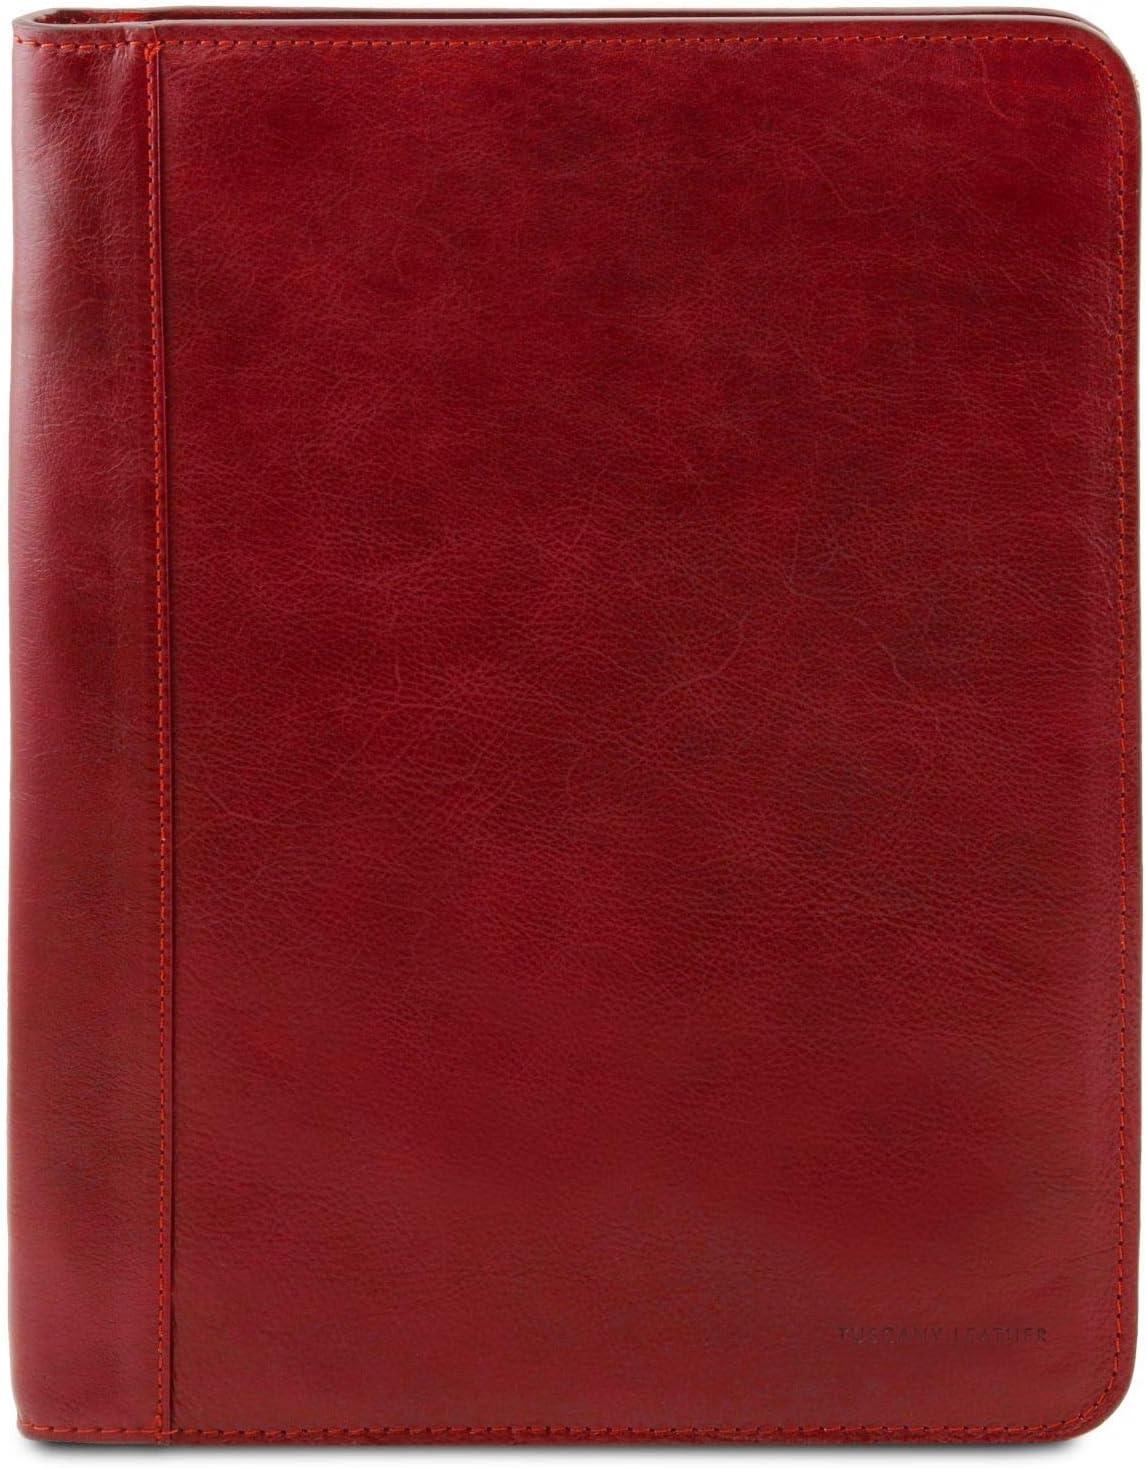 Tuscany Leather Luigi XIV Portadocumentos en pielcon Cierre de Cremallera Rojo